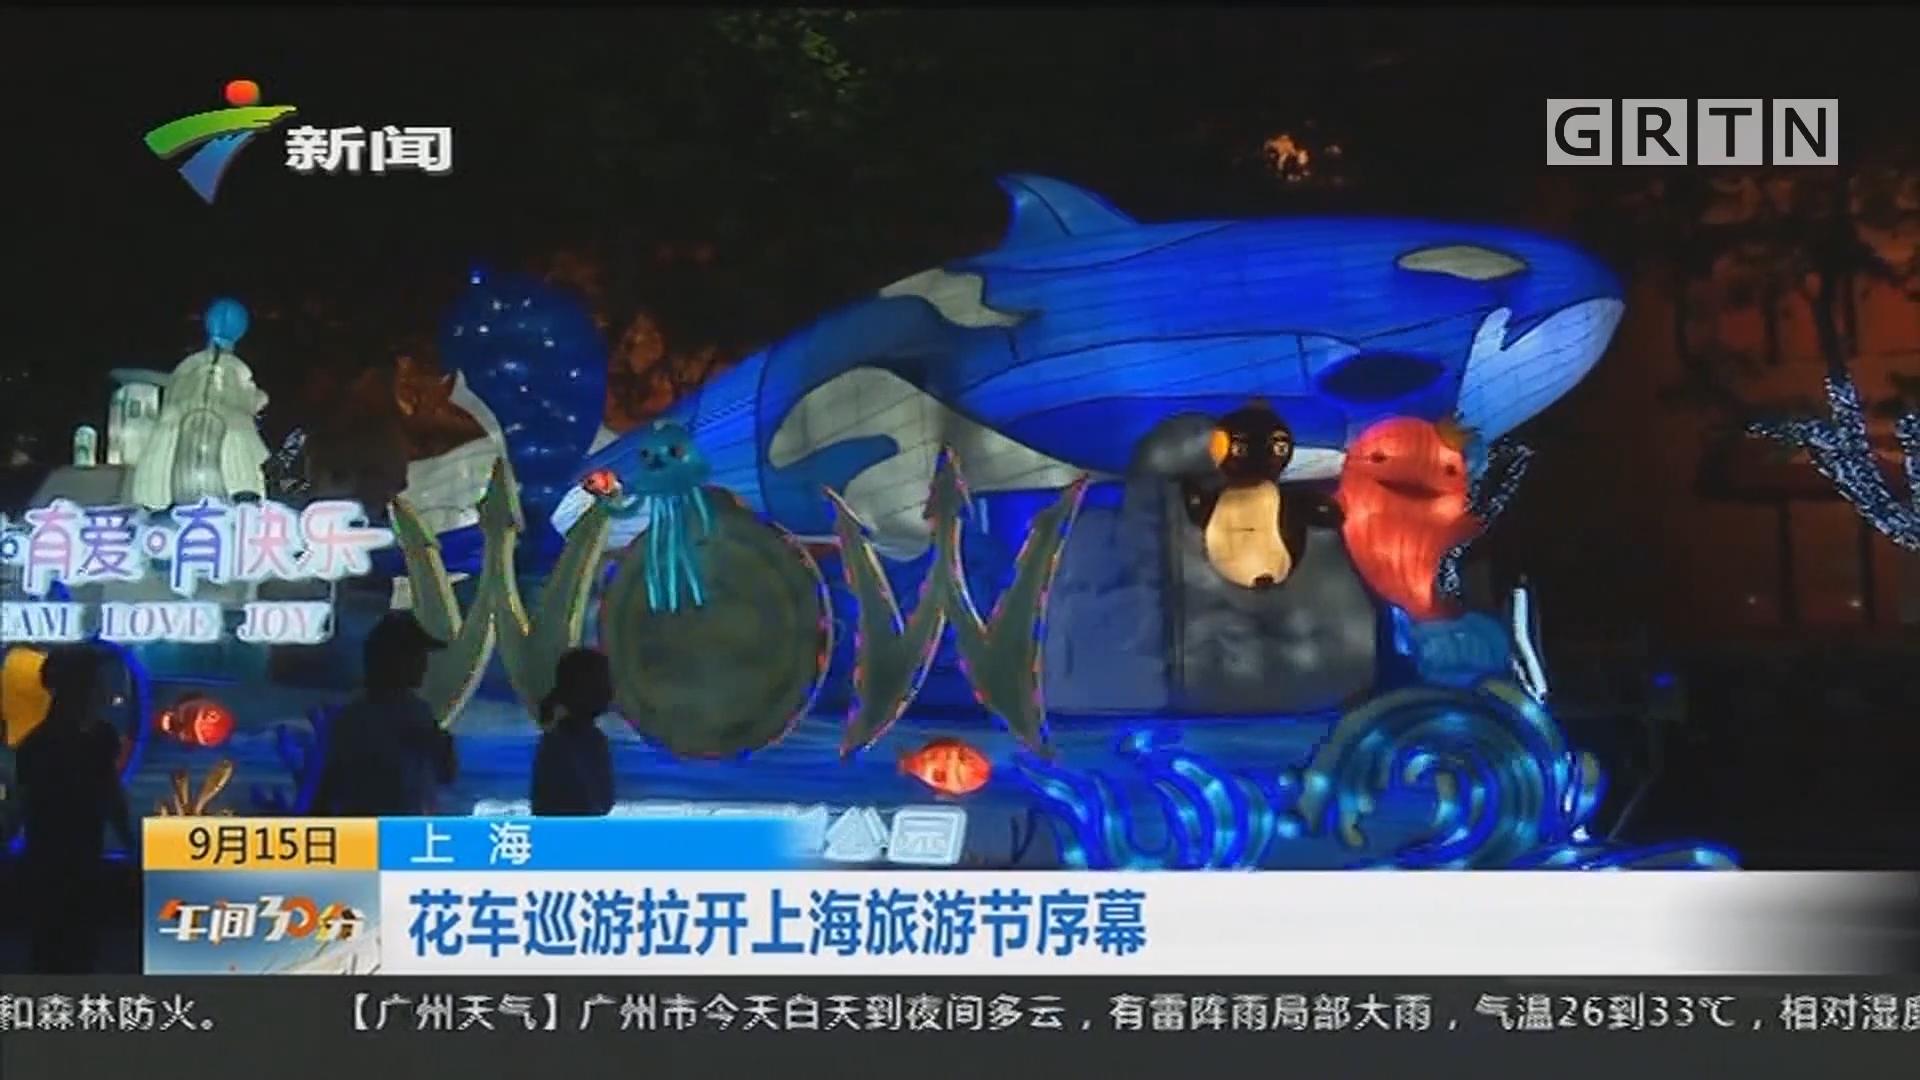 上海:花车巡游拉开上海旅游节序幕